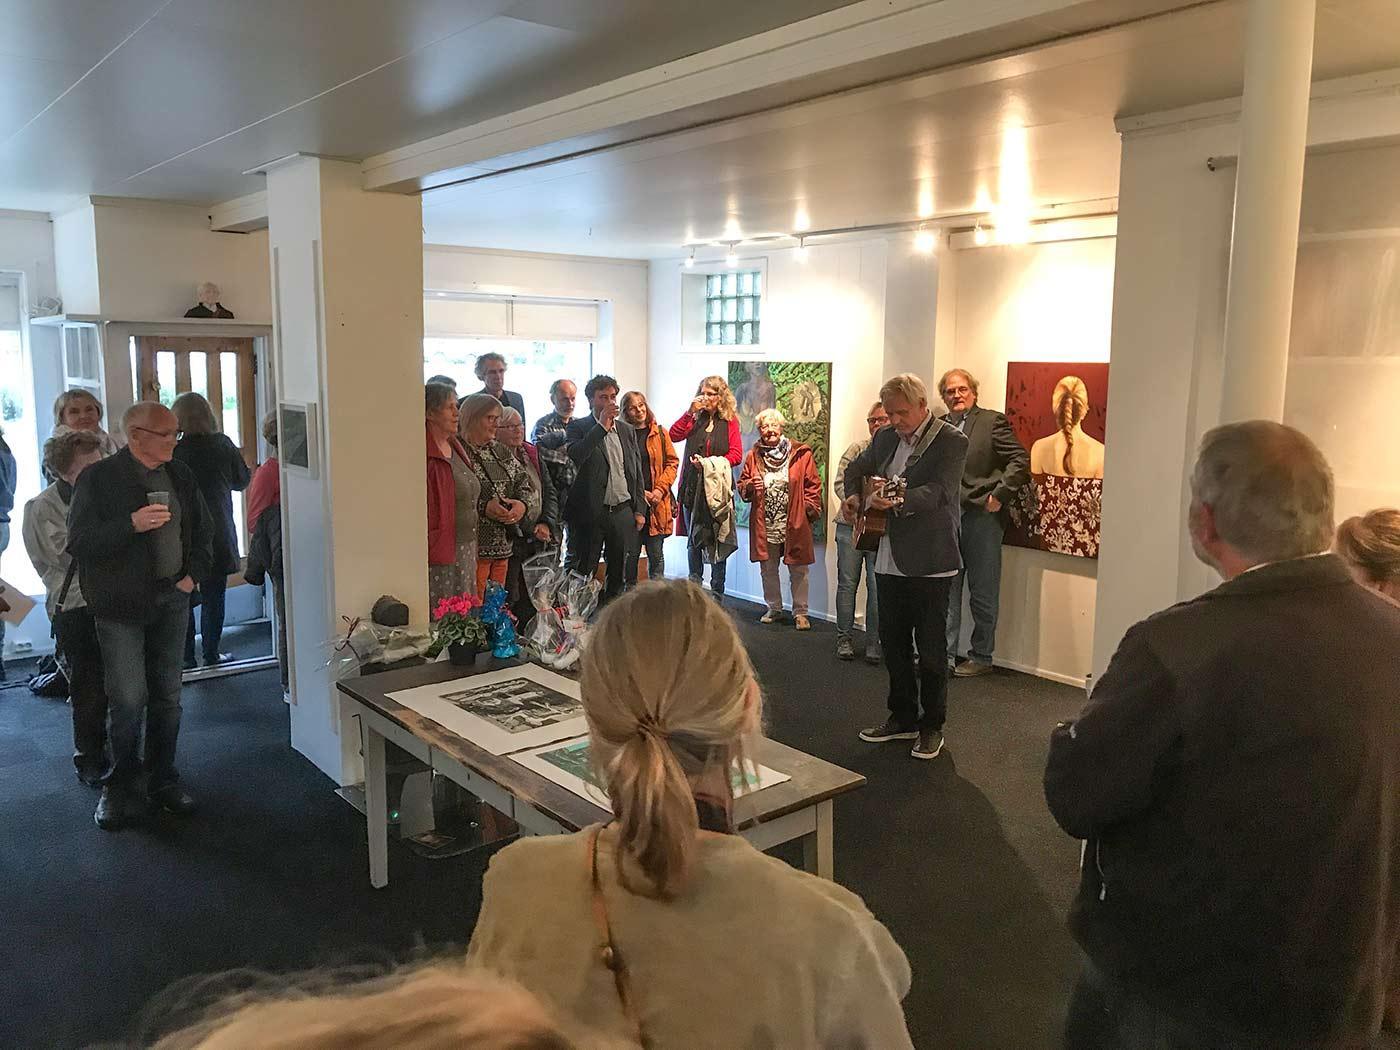 Utstillingsåpning 8. september 2017 med Kohler og Petershagen